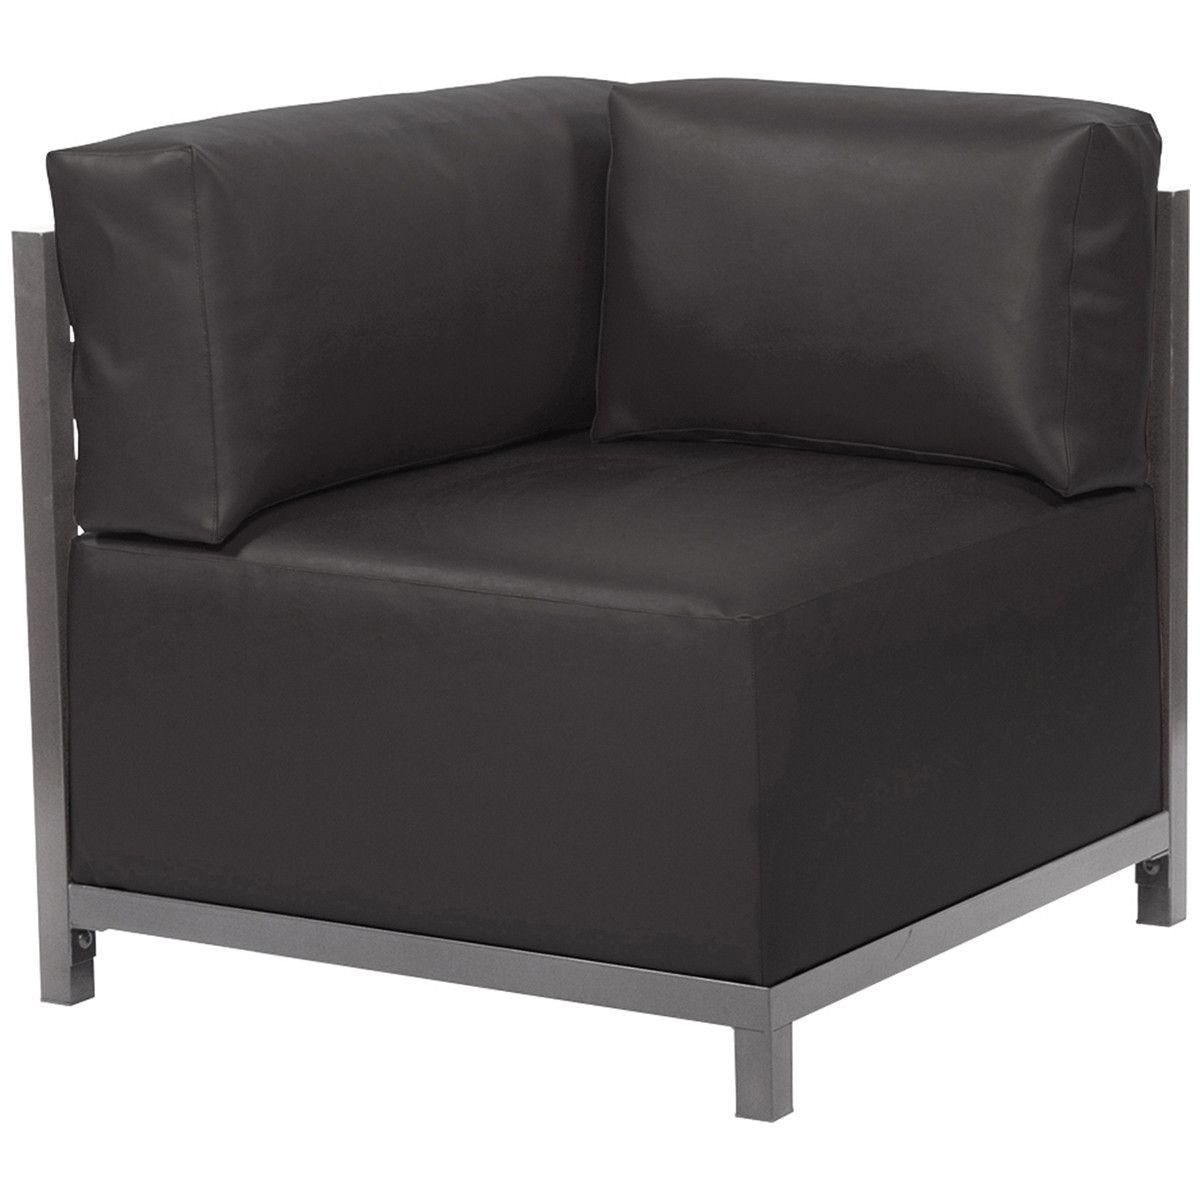 Howard Elliott Atlantis Black Axis Corner Chair Slipcover